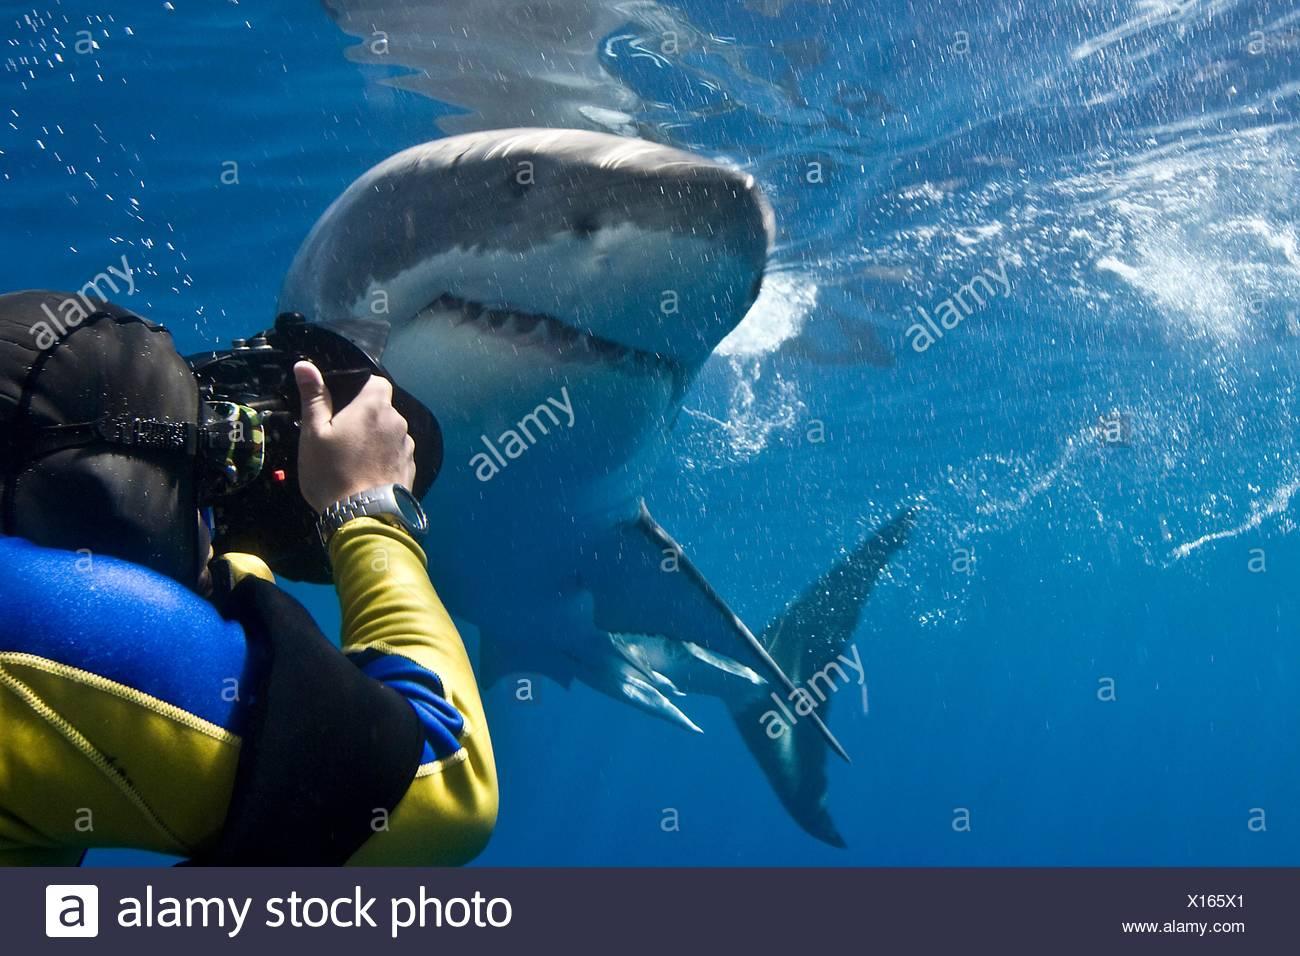 Gran tiburón blanco (Carcharodon carcharias) hacer un pase muy cerca mientras que el fotógrafo se inclina para tomar una fotografía Isla Guadalupe Imagen De Stock